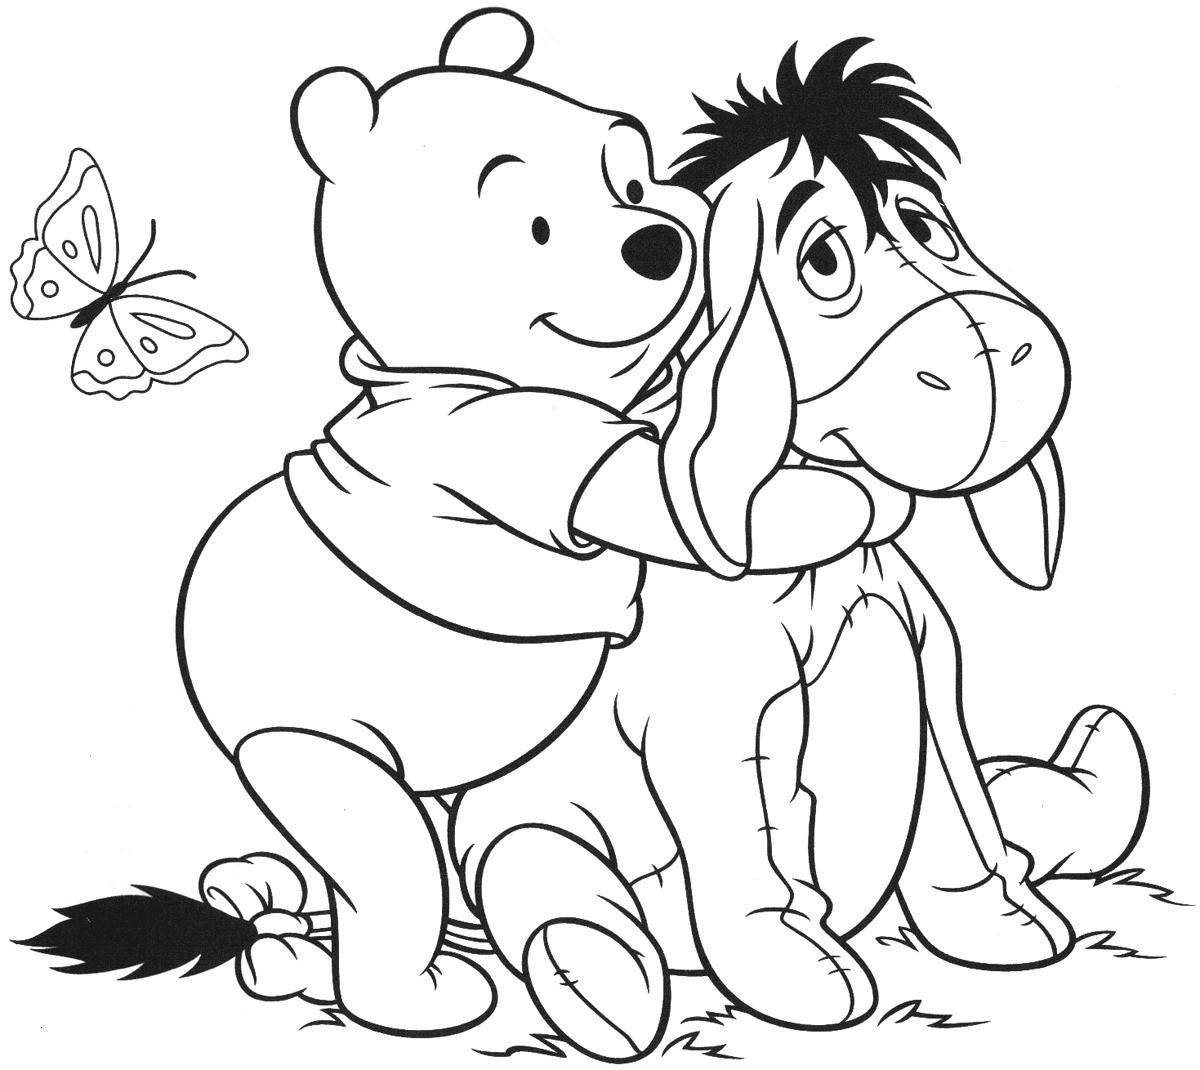 Bibi Und Tina Ausmalbilder Zum Drucken Kostenlos Genial Ausmalbilder Winnie Pooh Elegant Bild Bibi Und Tina Malvorlagen 30 Fotos